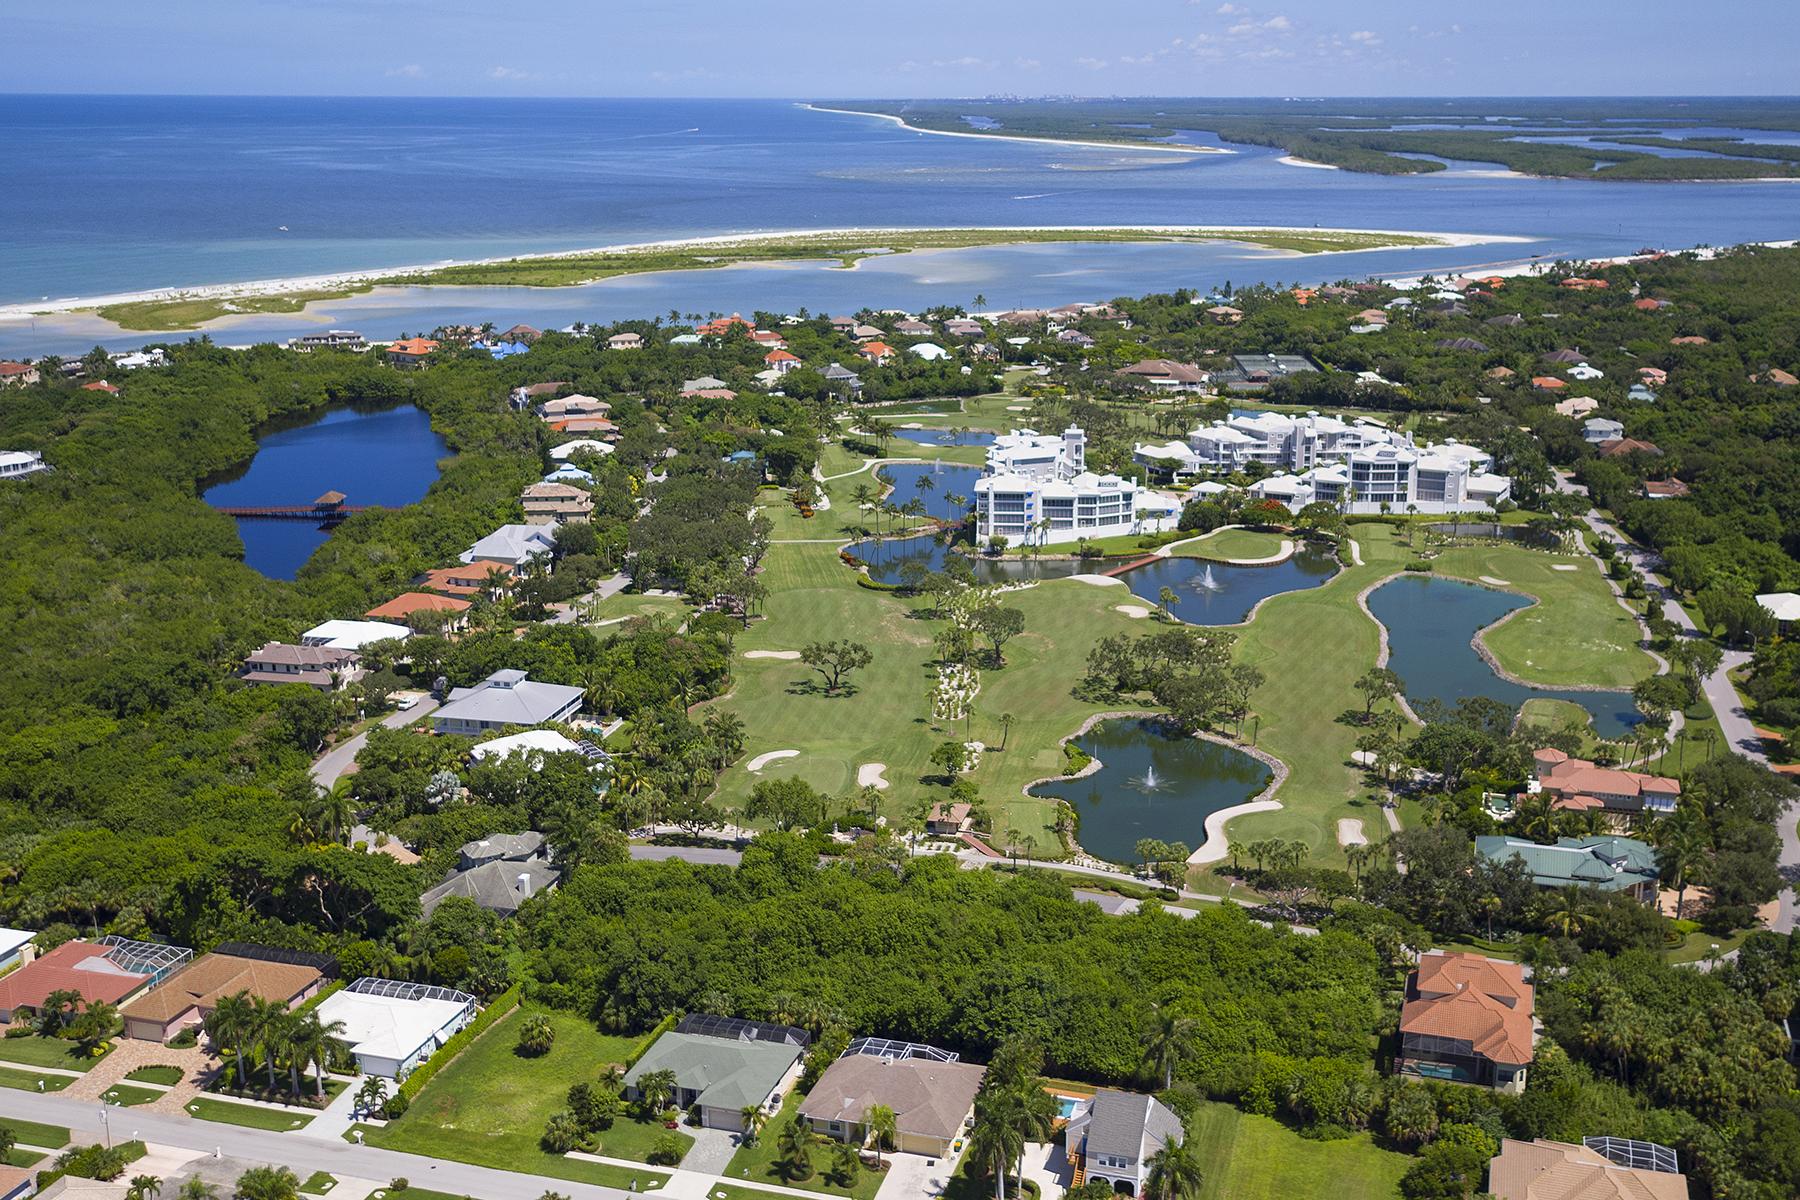 Terreno por un Venta en MARCO ISLAND - HIDEAWAY BEACH 261 Hideaway Cir S Marco Island, Florida, 34145 Estados Unidos